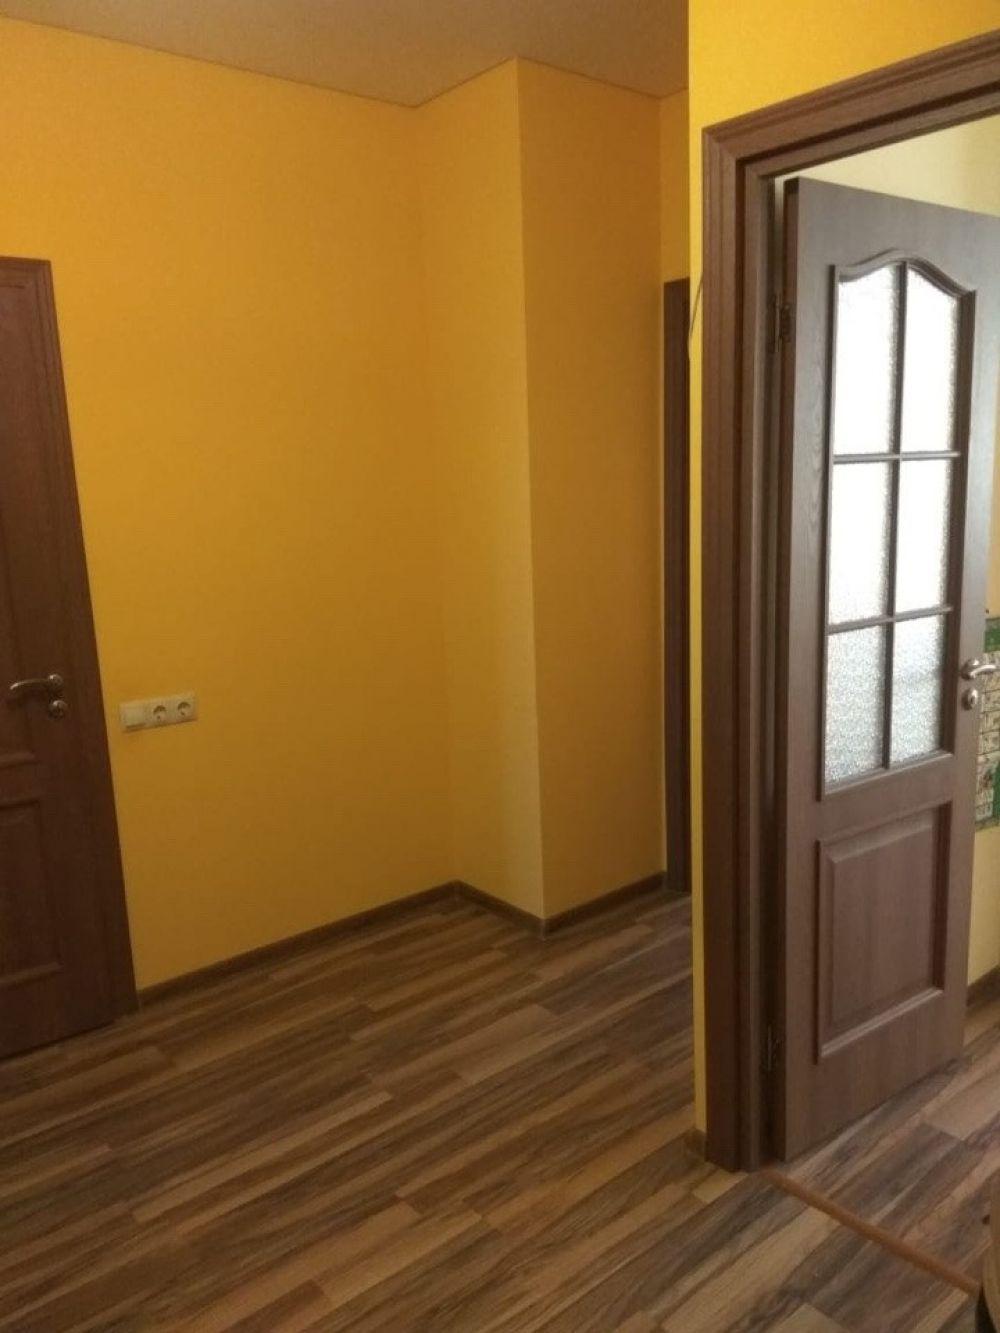 2-комнатная квартира п.Свердловский ЖК Лукино-Варино ул.Заречная д.11, фото 1